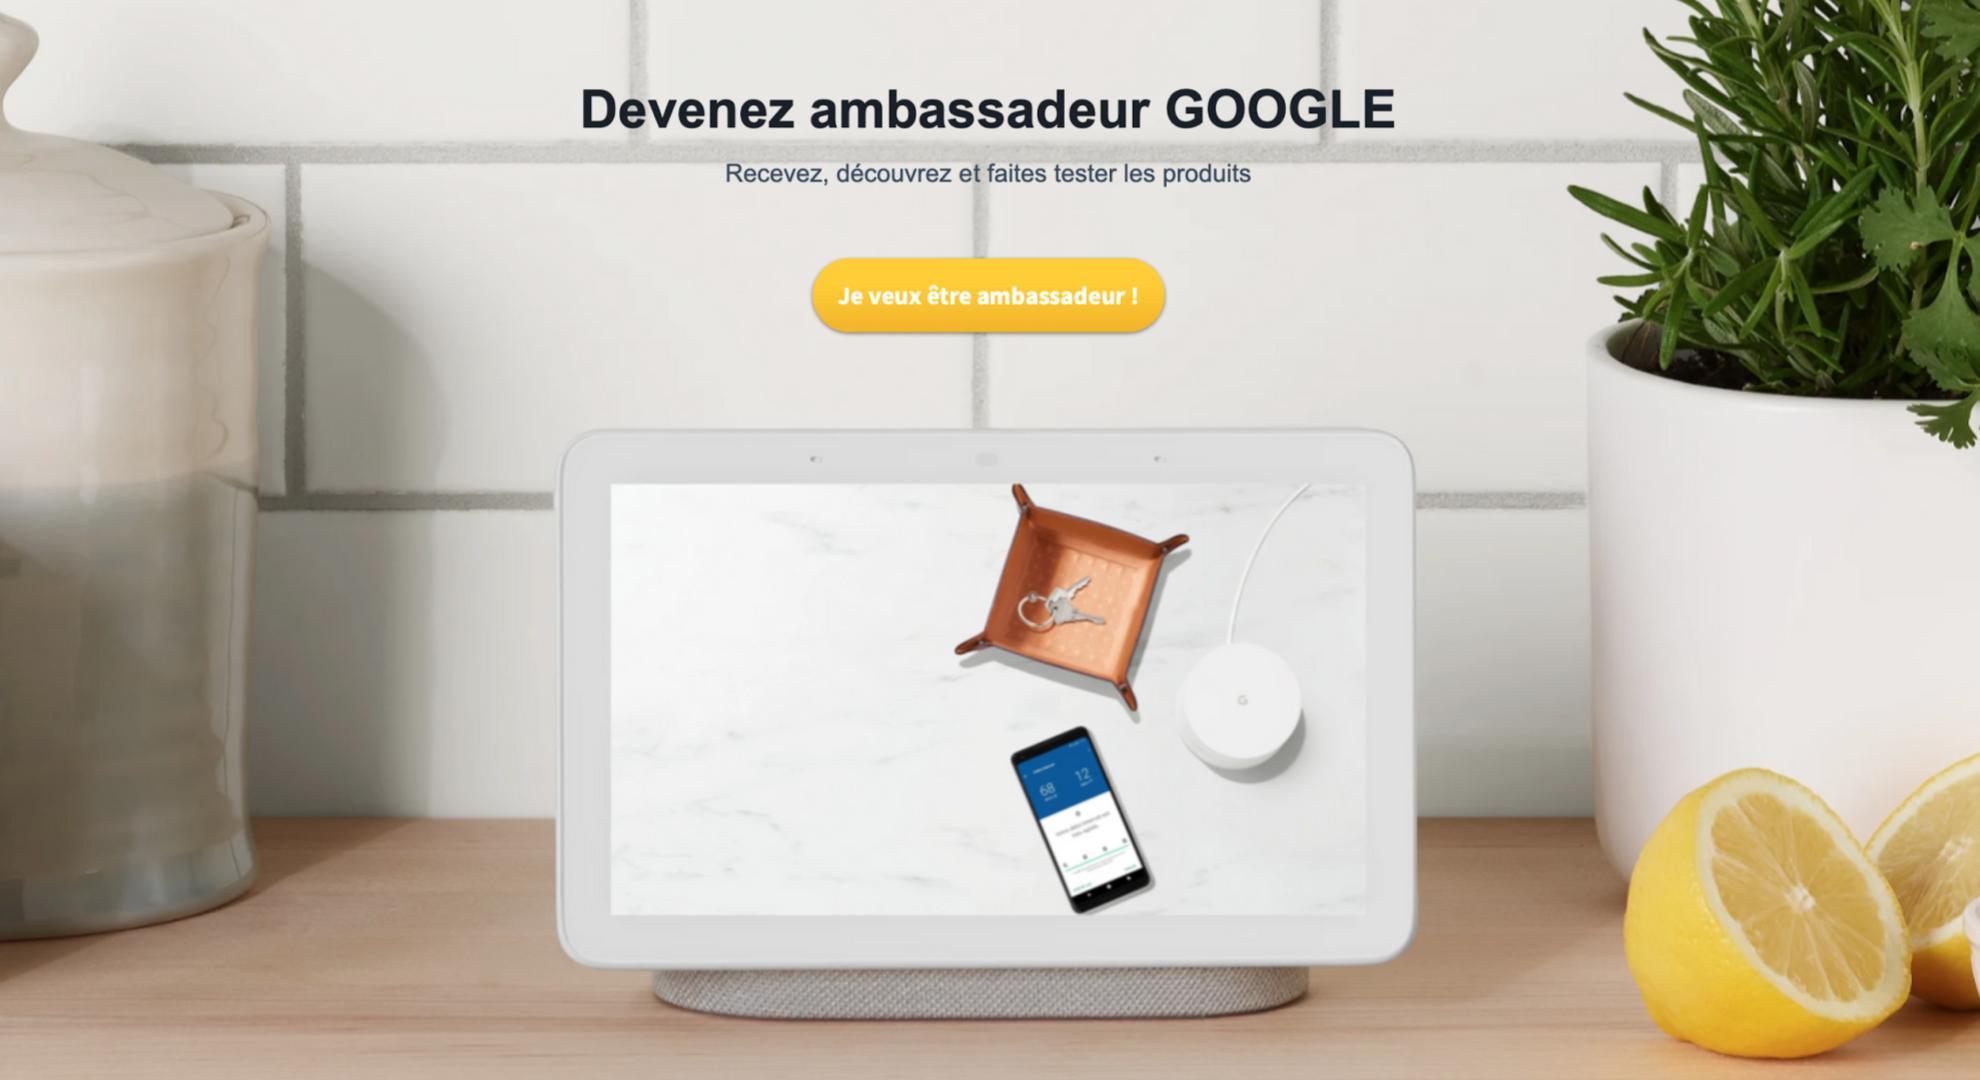 Recevez gratuitement les Google Nest Hub et Wi-Fi en devenant ambassadeur Google